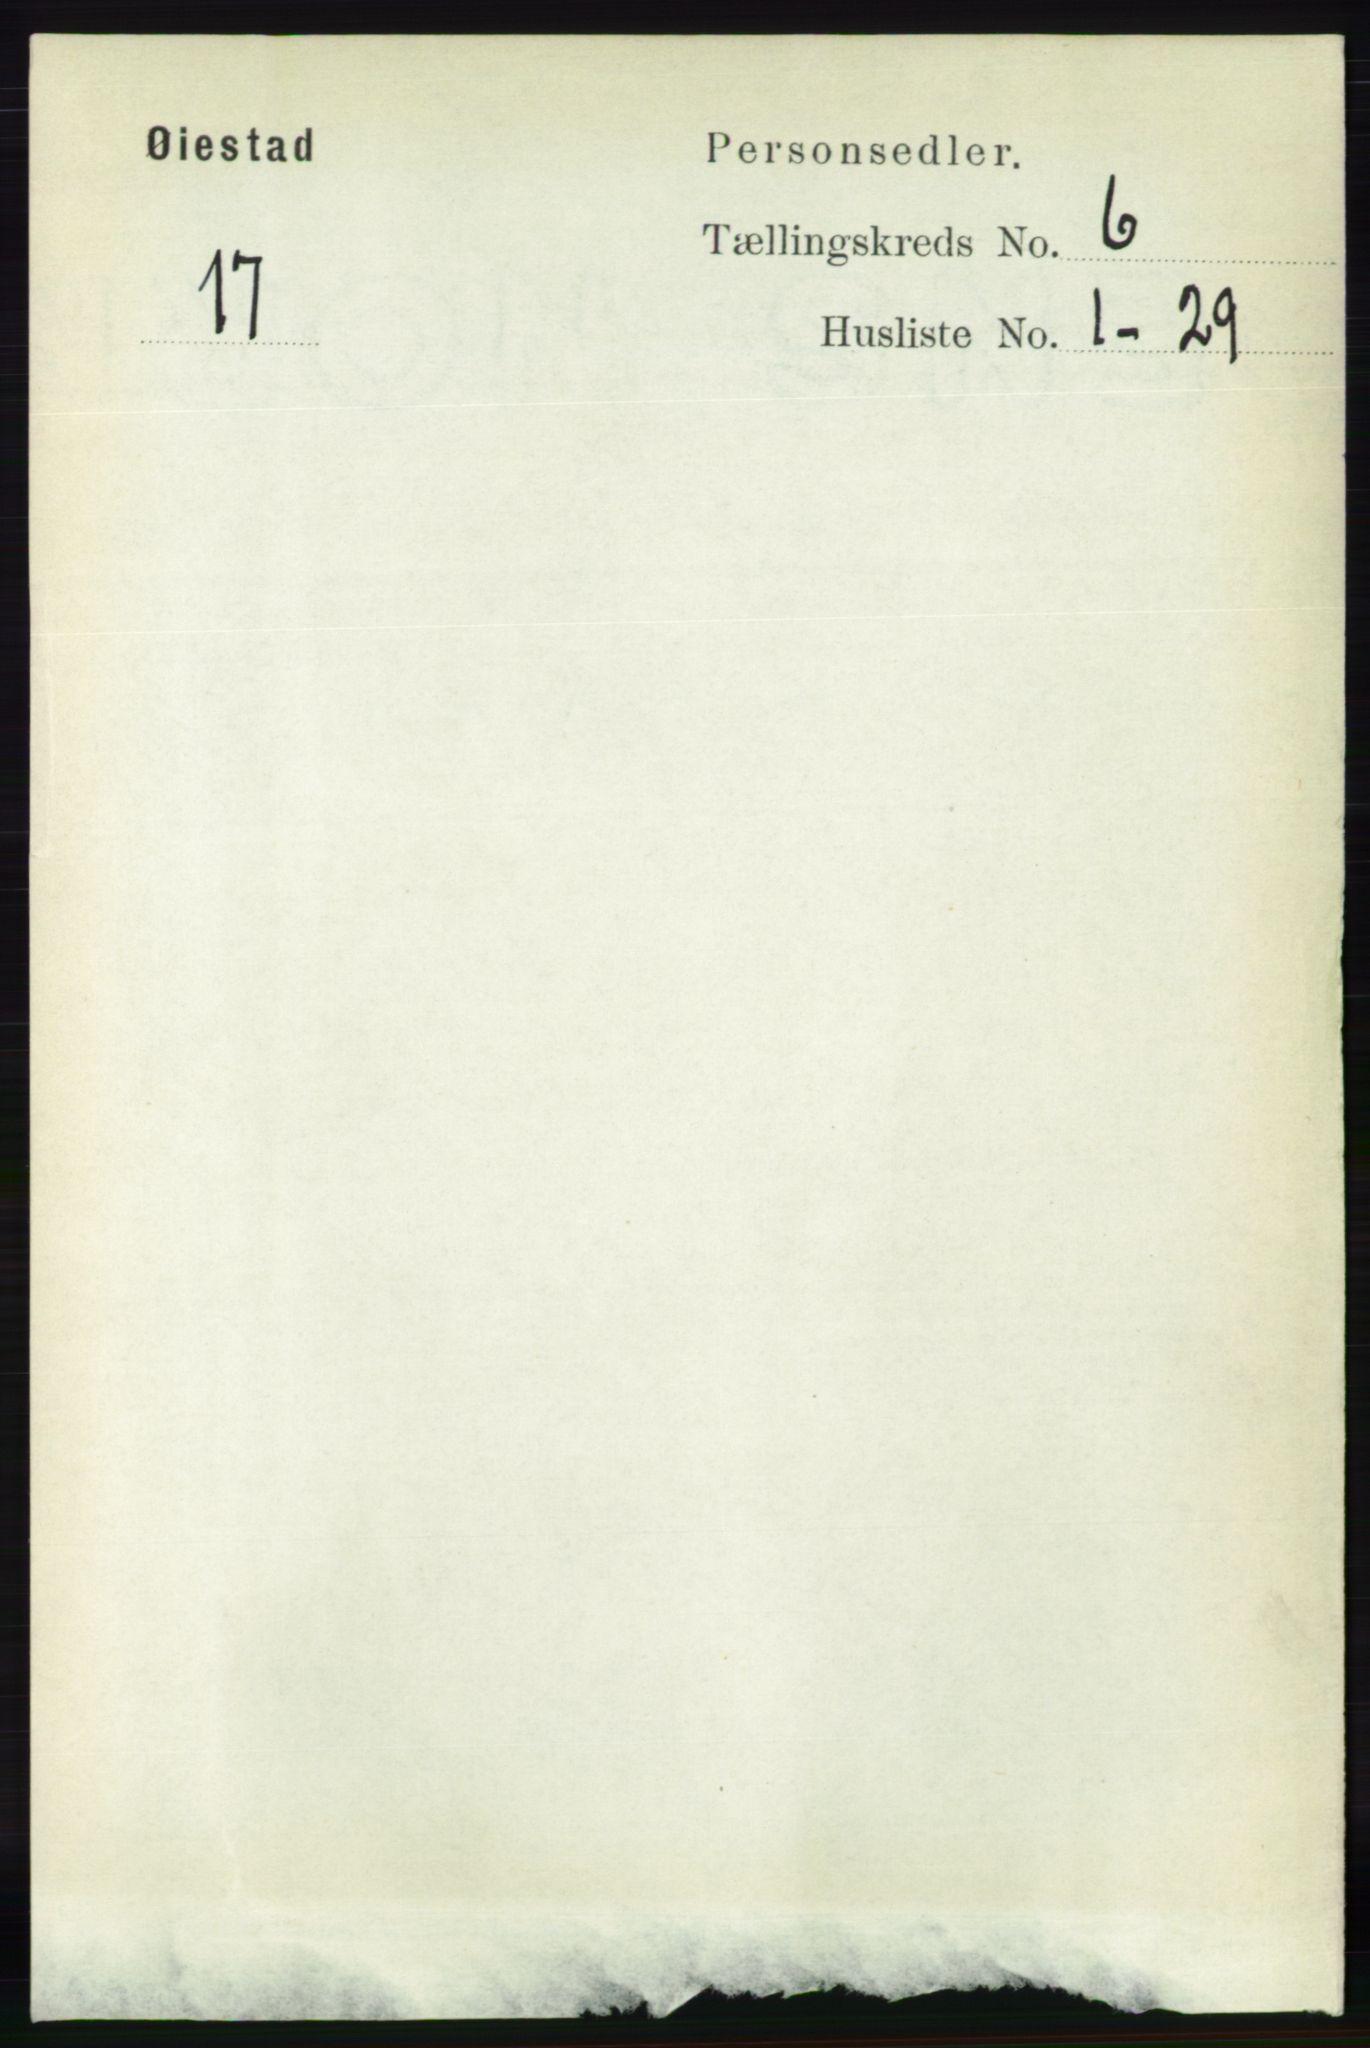 RA, Folketelling 1891 for 0920 Øyestad herred, 1891, s. 2130